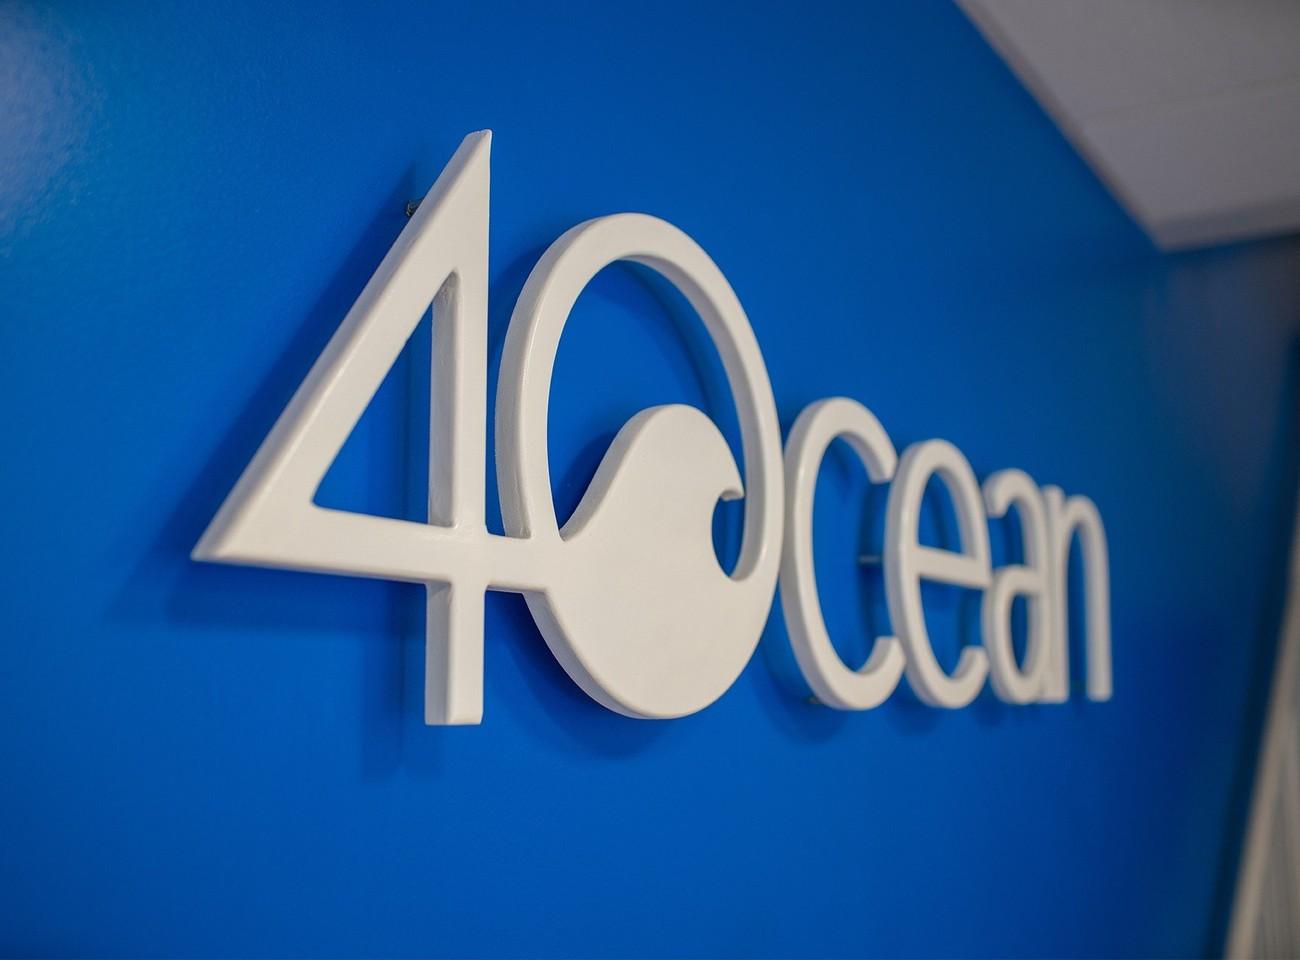 4ocean Careers